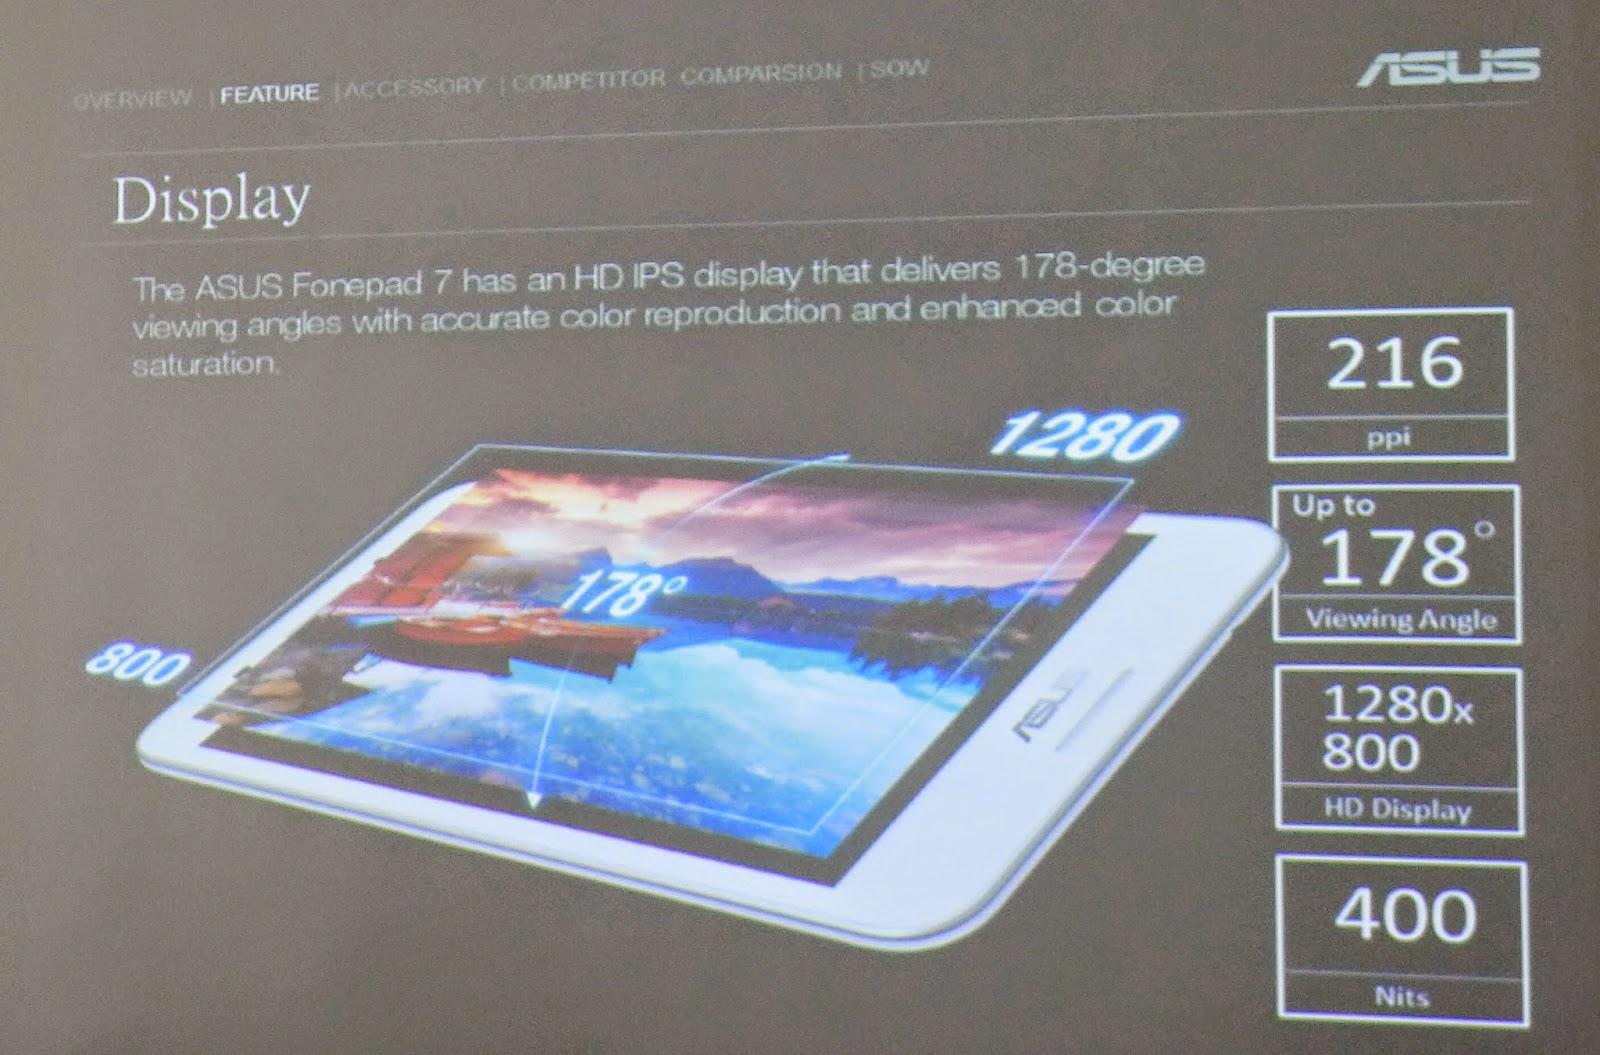 潮玩ASUS平板電腦XD